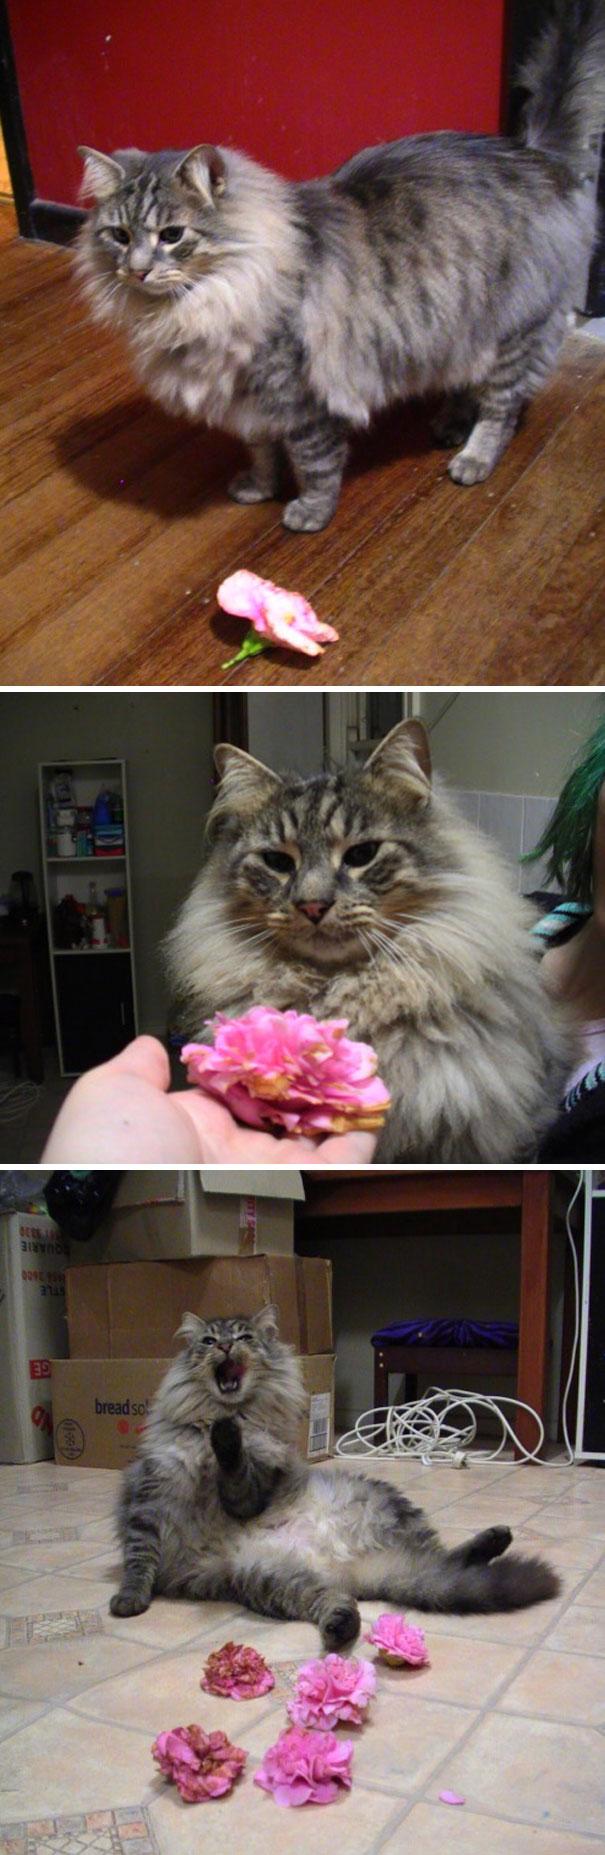 Questo è Mr. Slash - un maestro di avventura di caccia al fiore. Lui mi porta fiori ogni notte. Non fa male al giardino